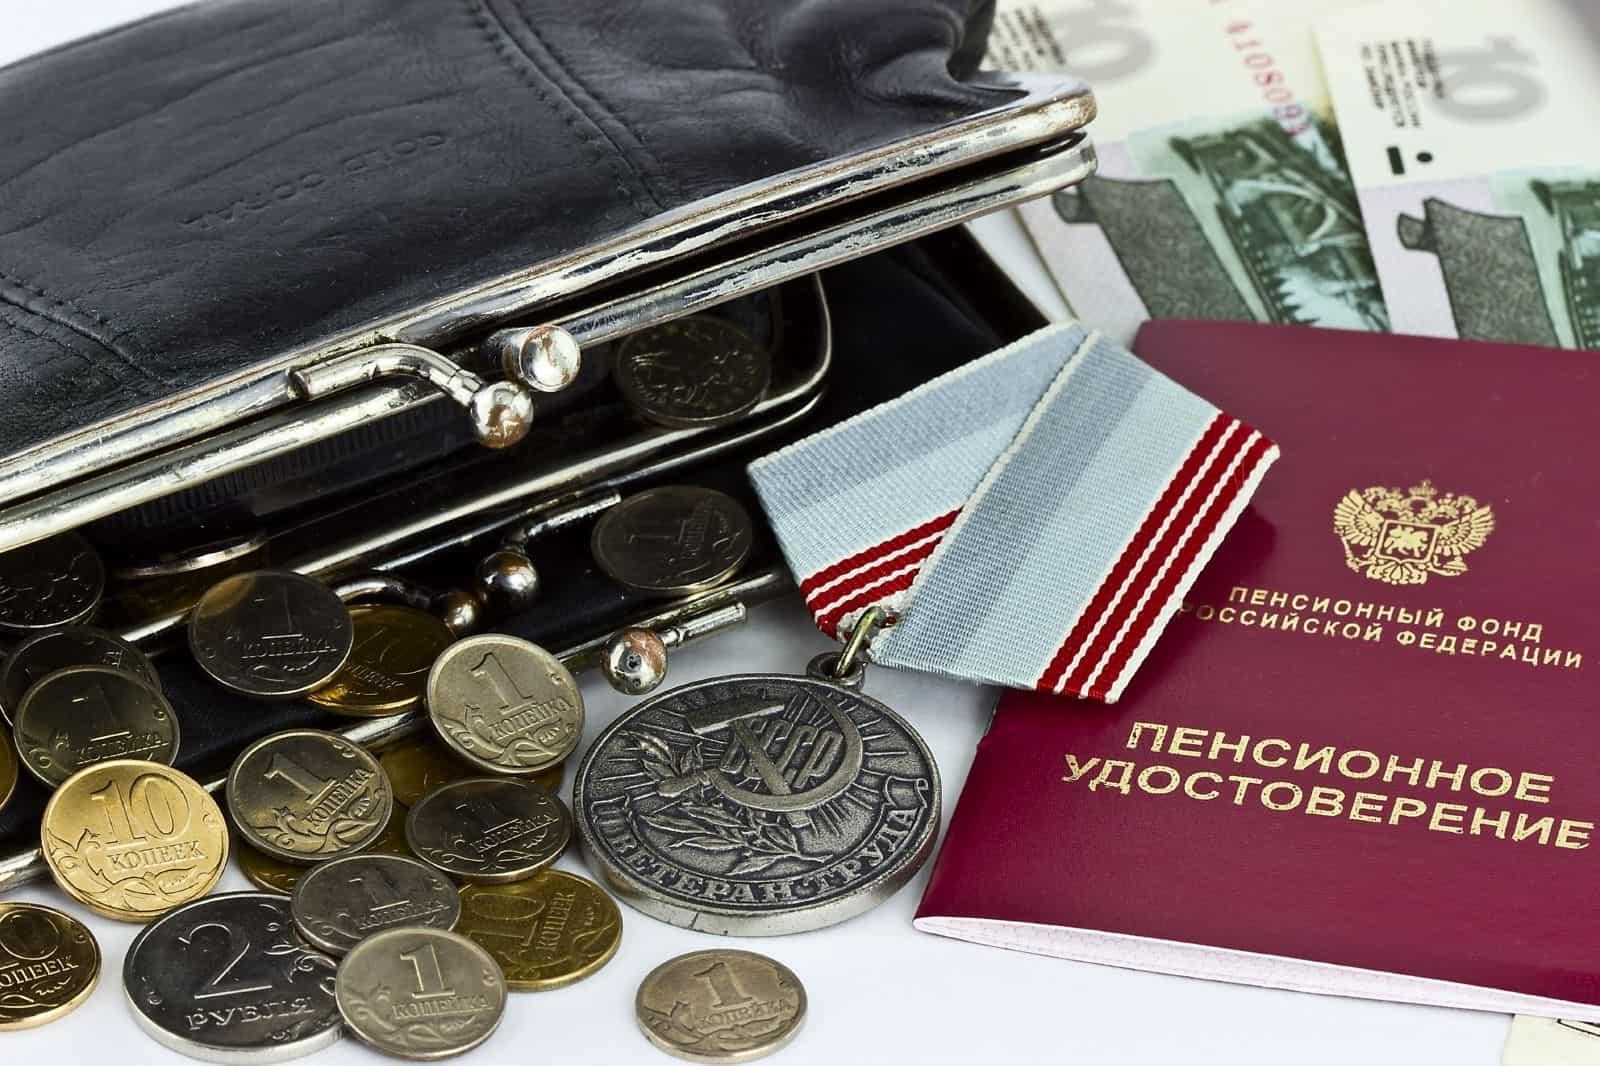 Дополнительная гражданская пенсия военным пенсионерам после 60 лет